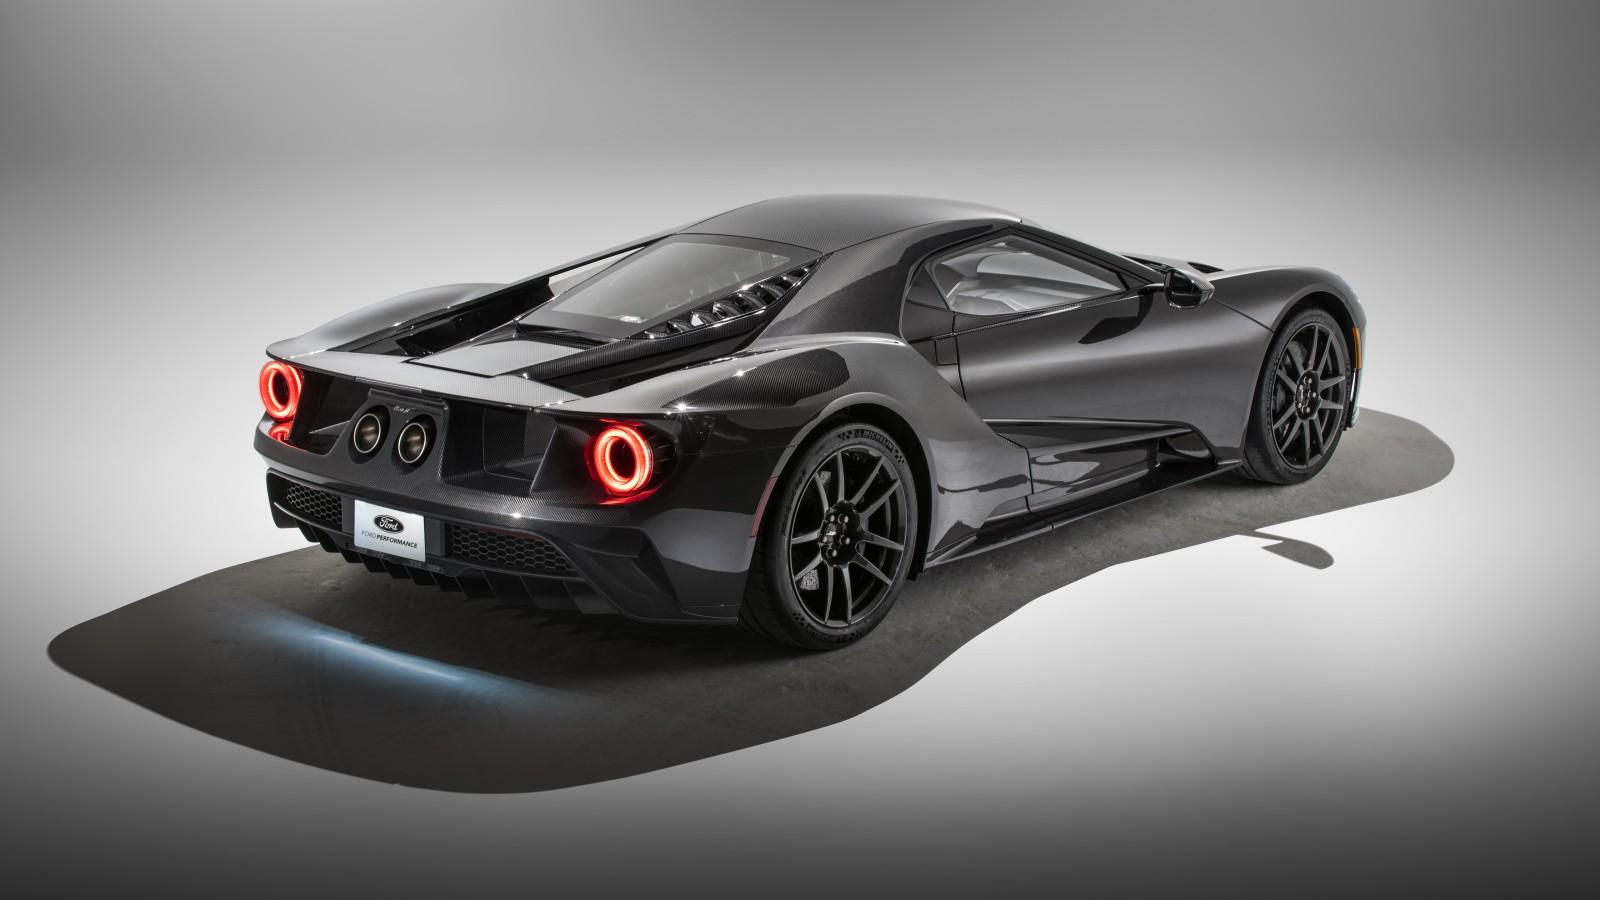 2020 Ford GT Liquid Carbon 5K 5 Wallpaper | HD Car ...